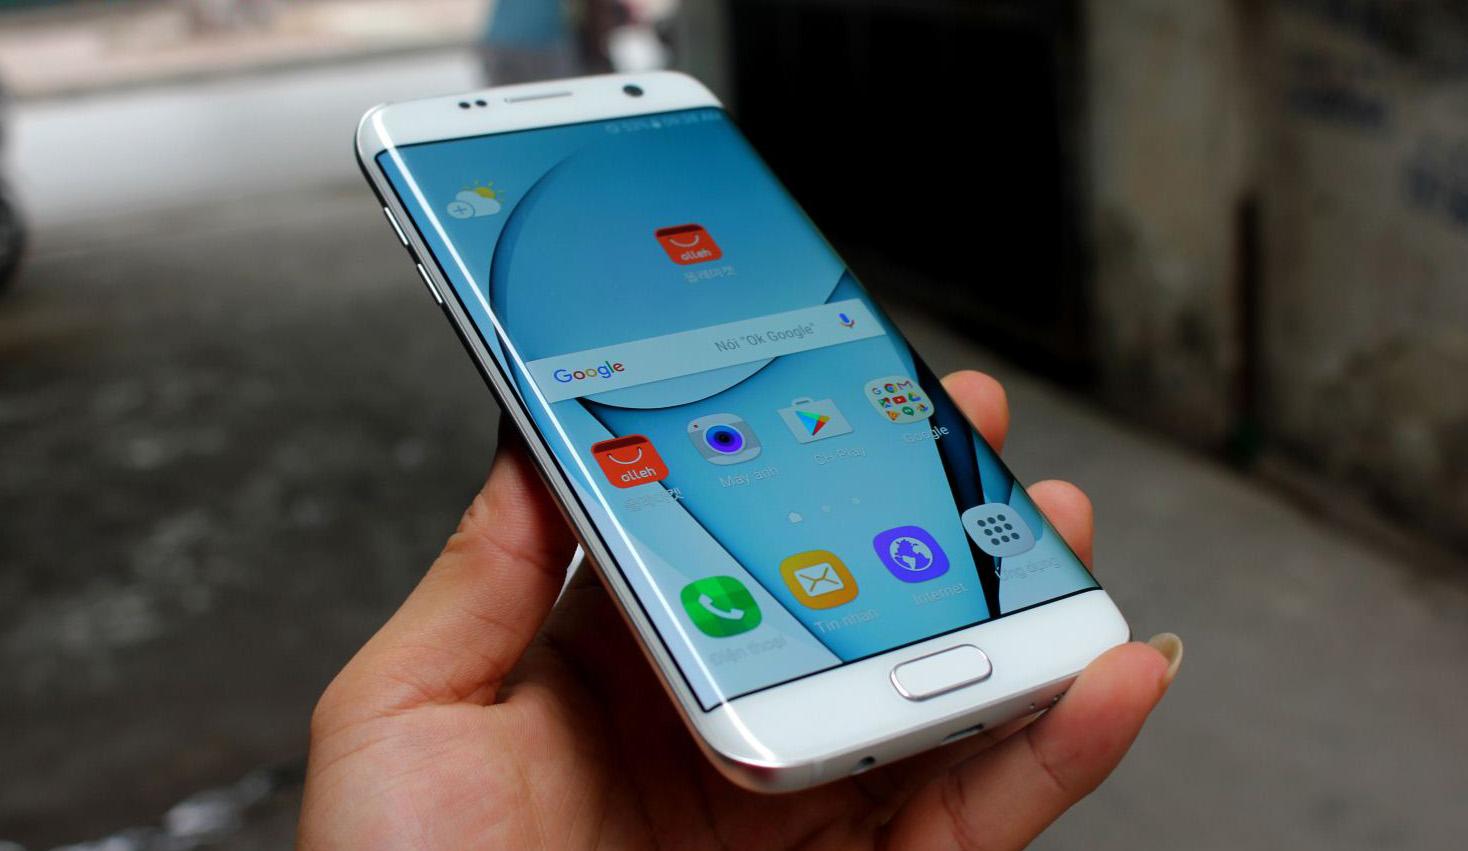 Quy trình thay IC Wifi Samsung S7 Edge tại trung tâm Caremobile.